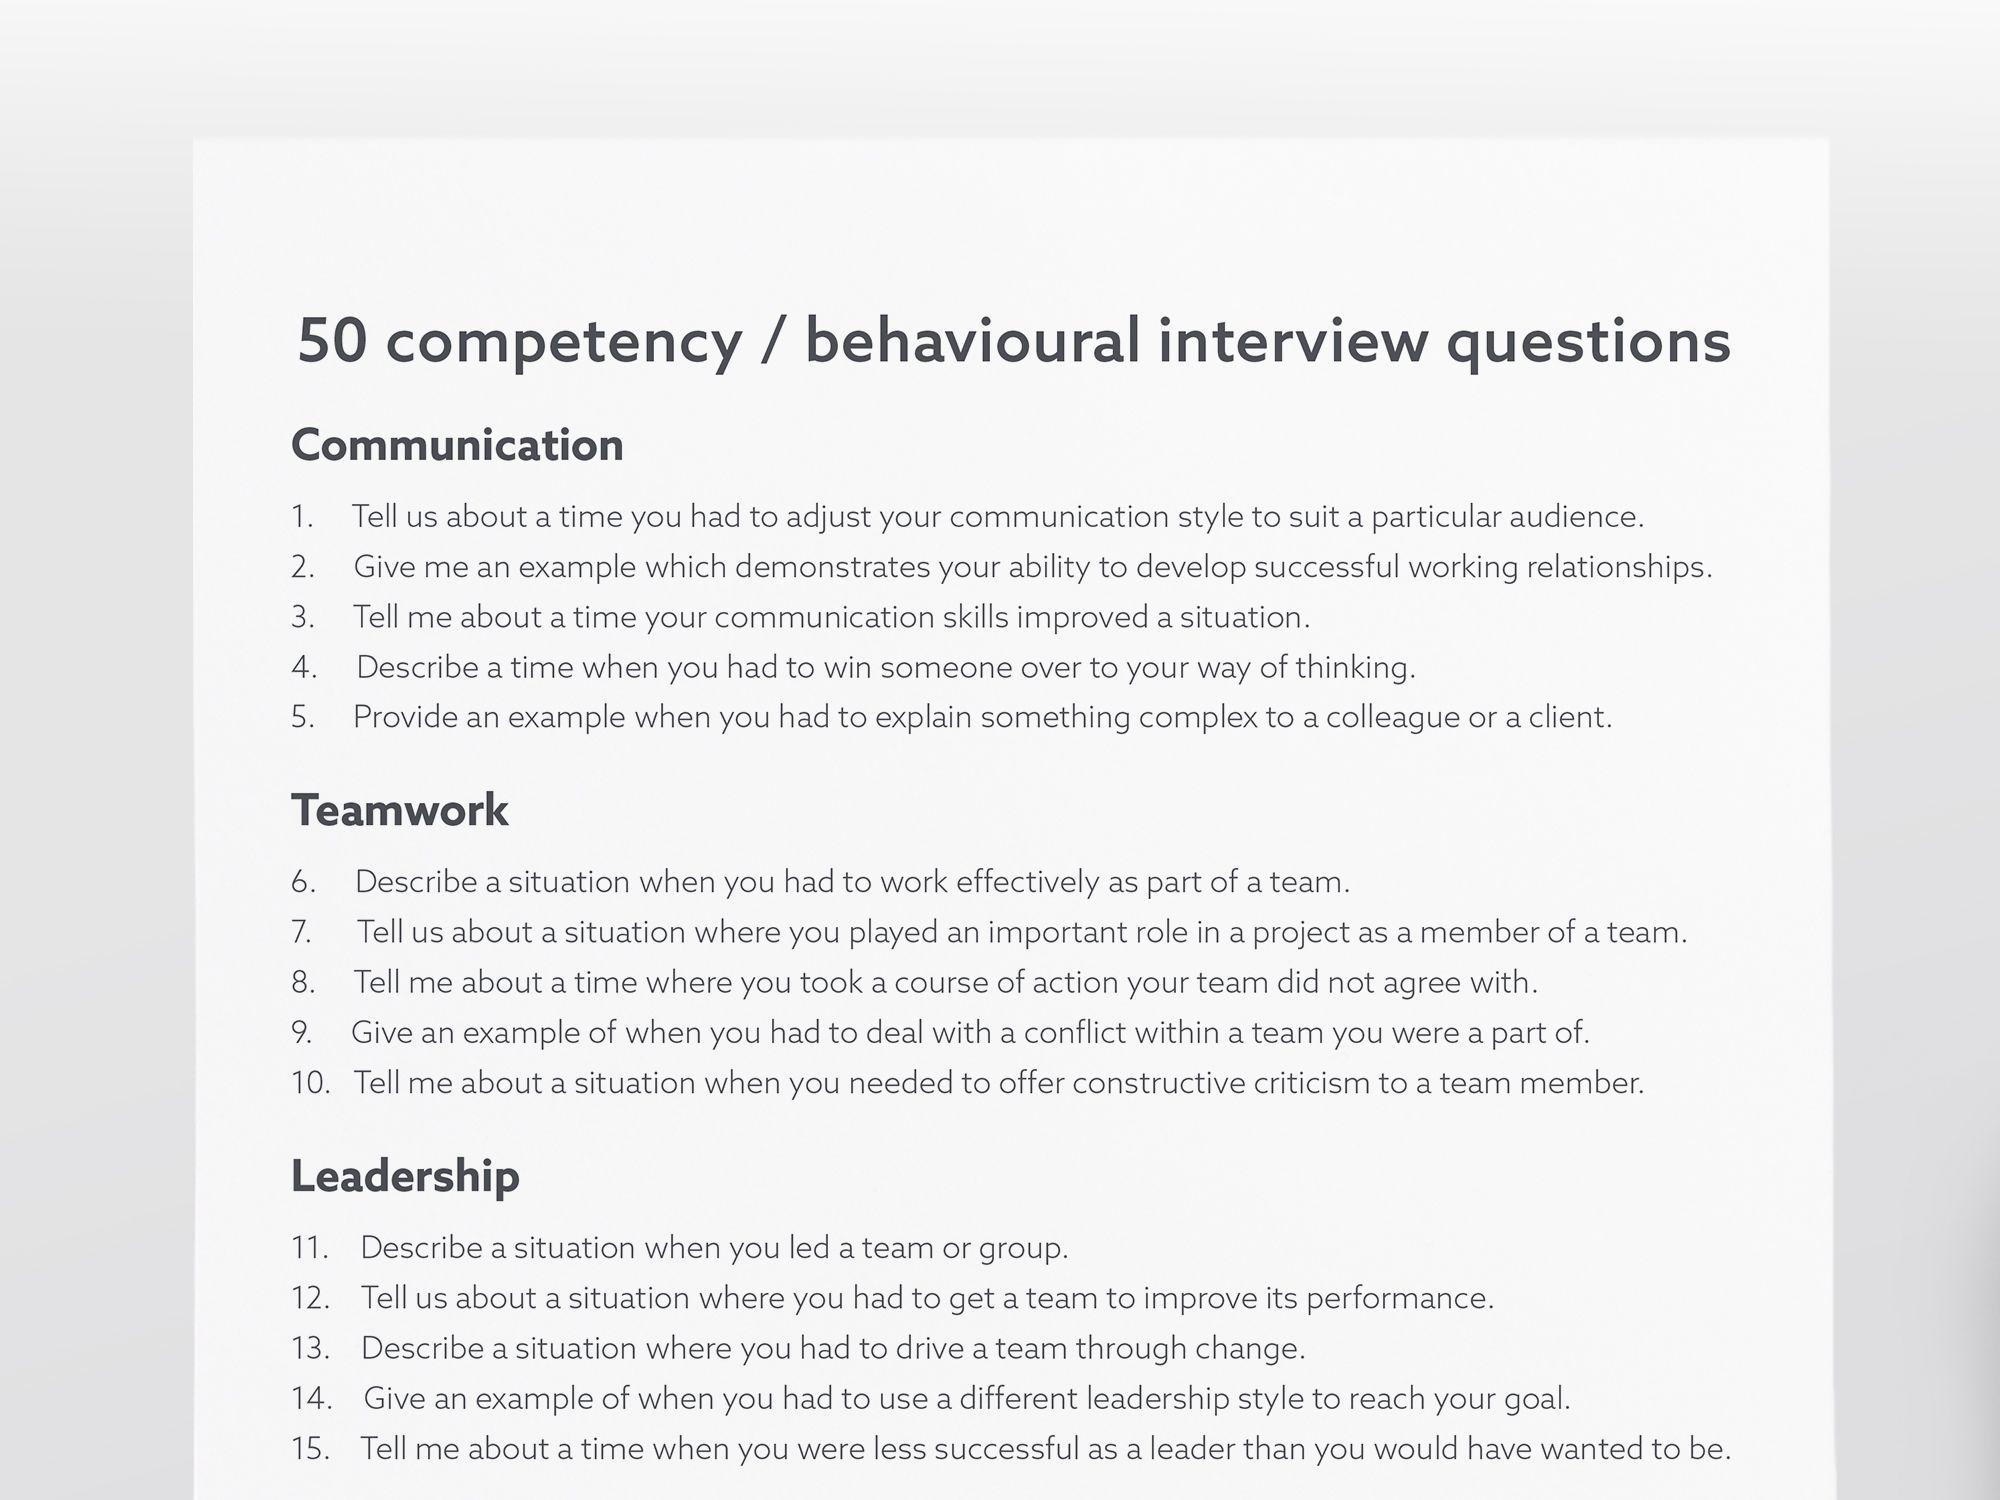 Job Interview Bundle includes Checklist, Guide, Workbook